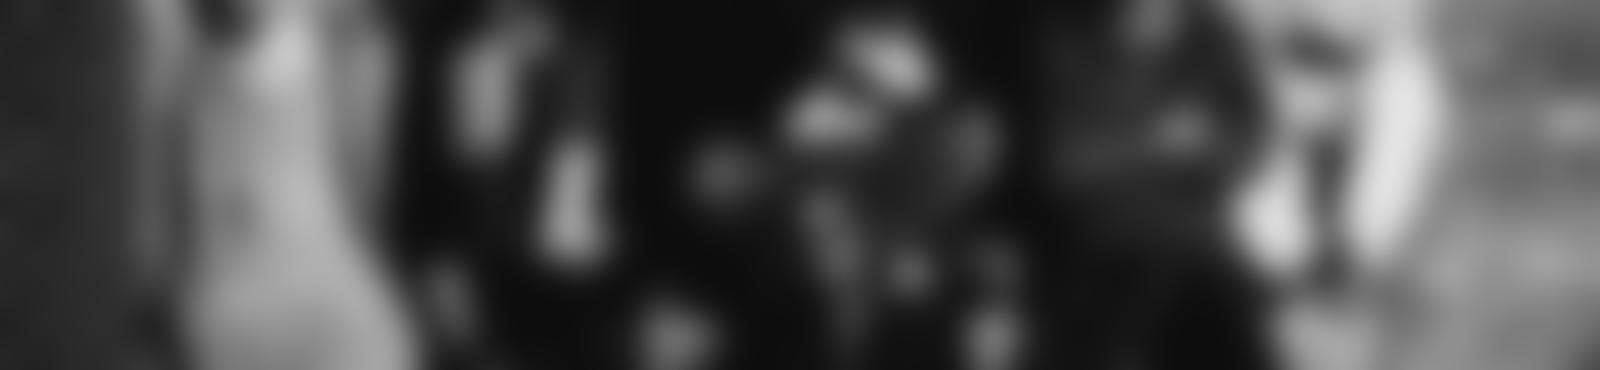 Blurred ae41fc87 3c64 4bdd a600 da3de9d5d07e